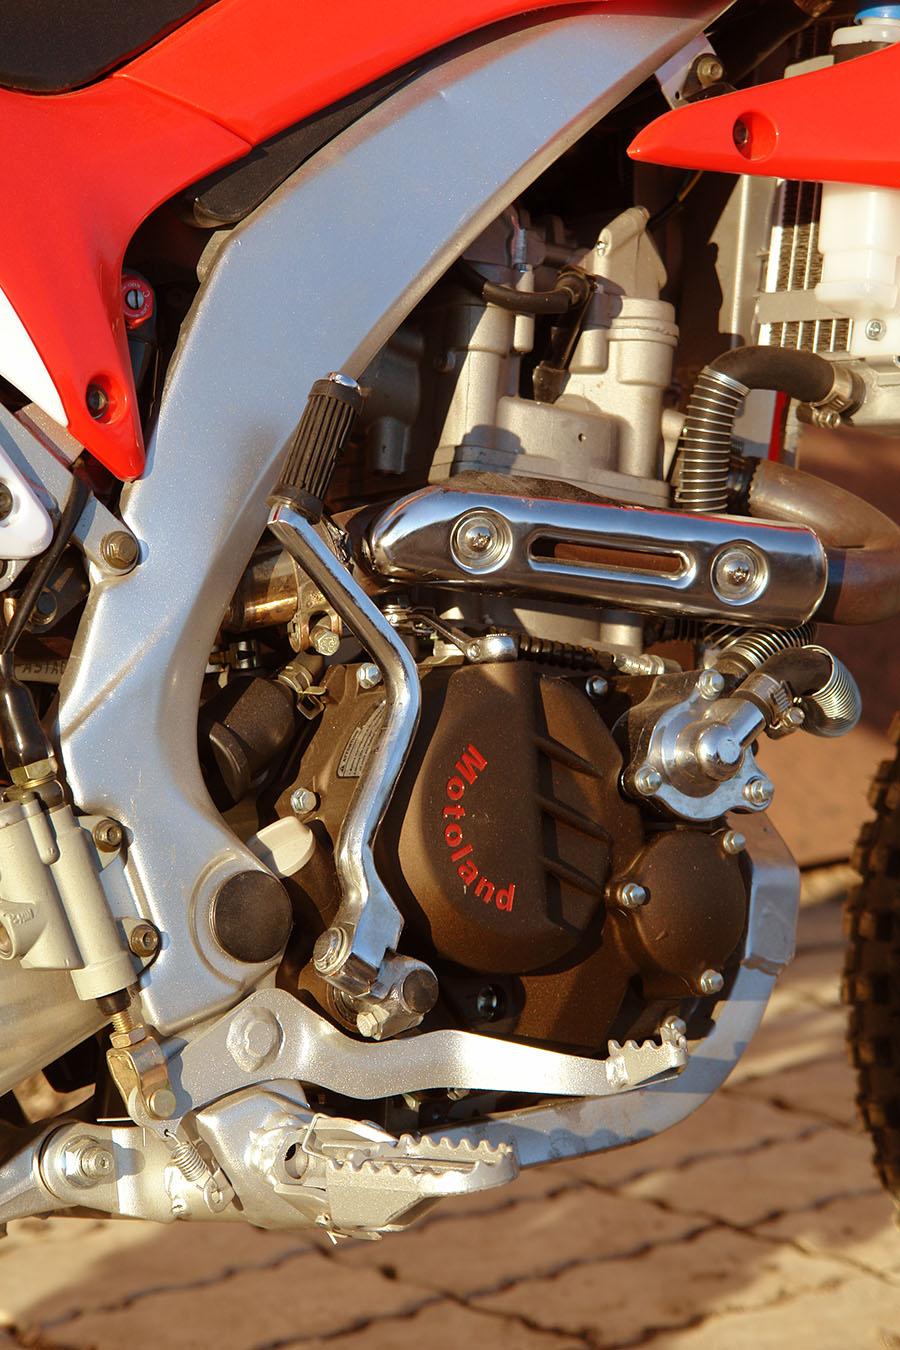 Как сделать защиту на двигатель мотоцикла